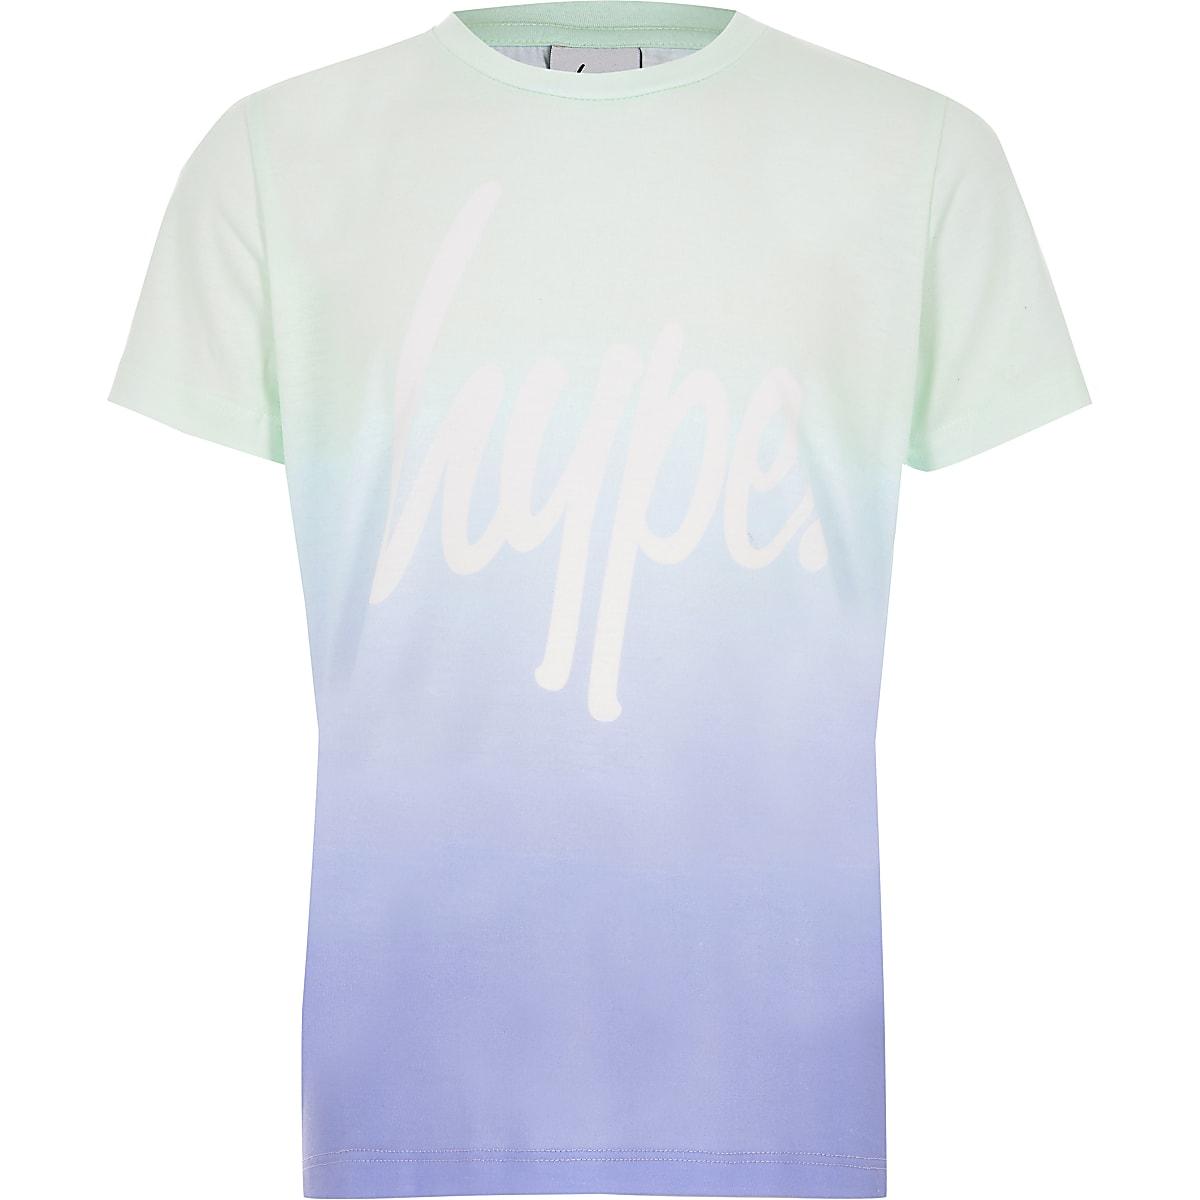 Hype - Blauw vervaagd T-shirt met logo voor meisjes